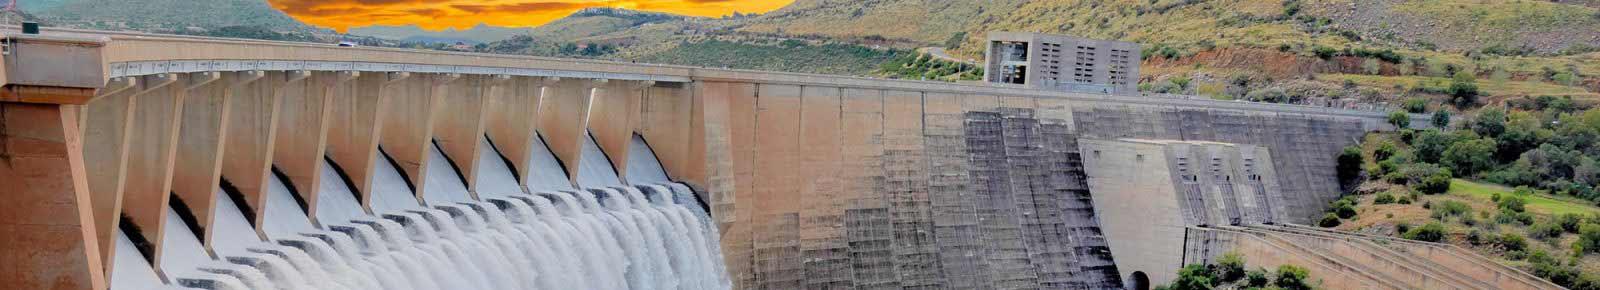 Dam releasing municipal water Better Utilities Header